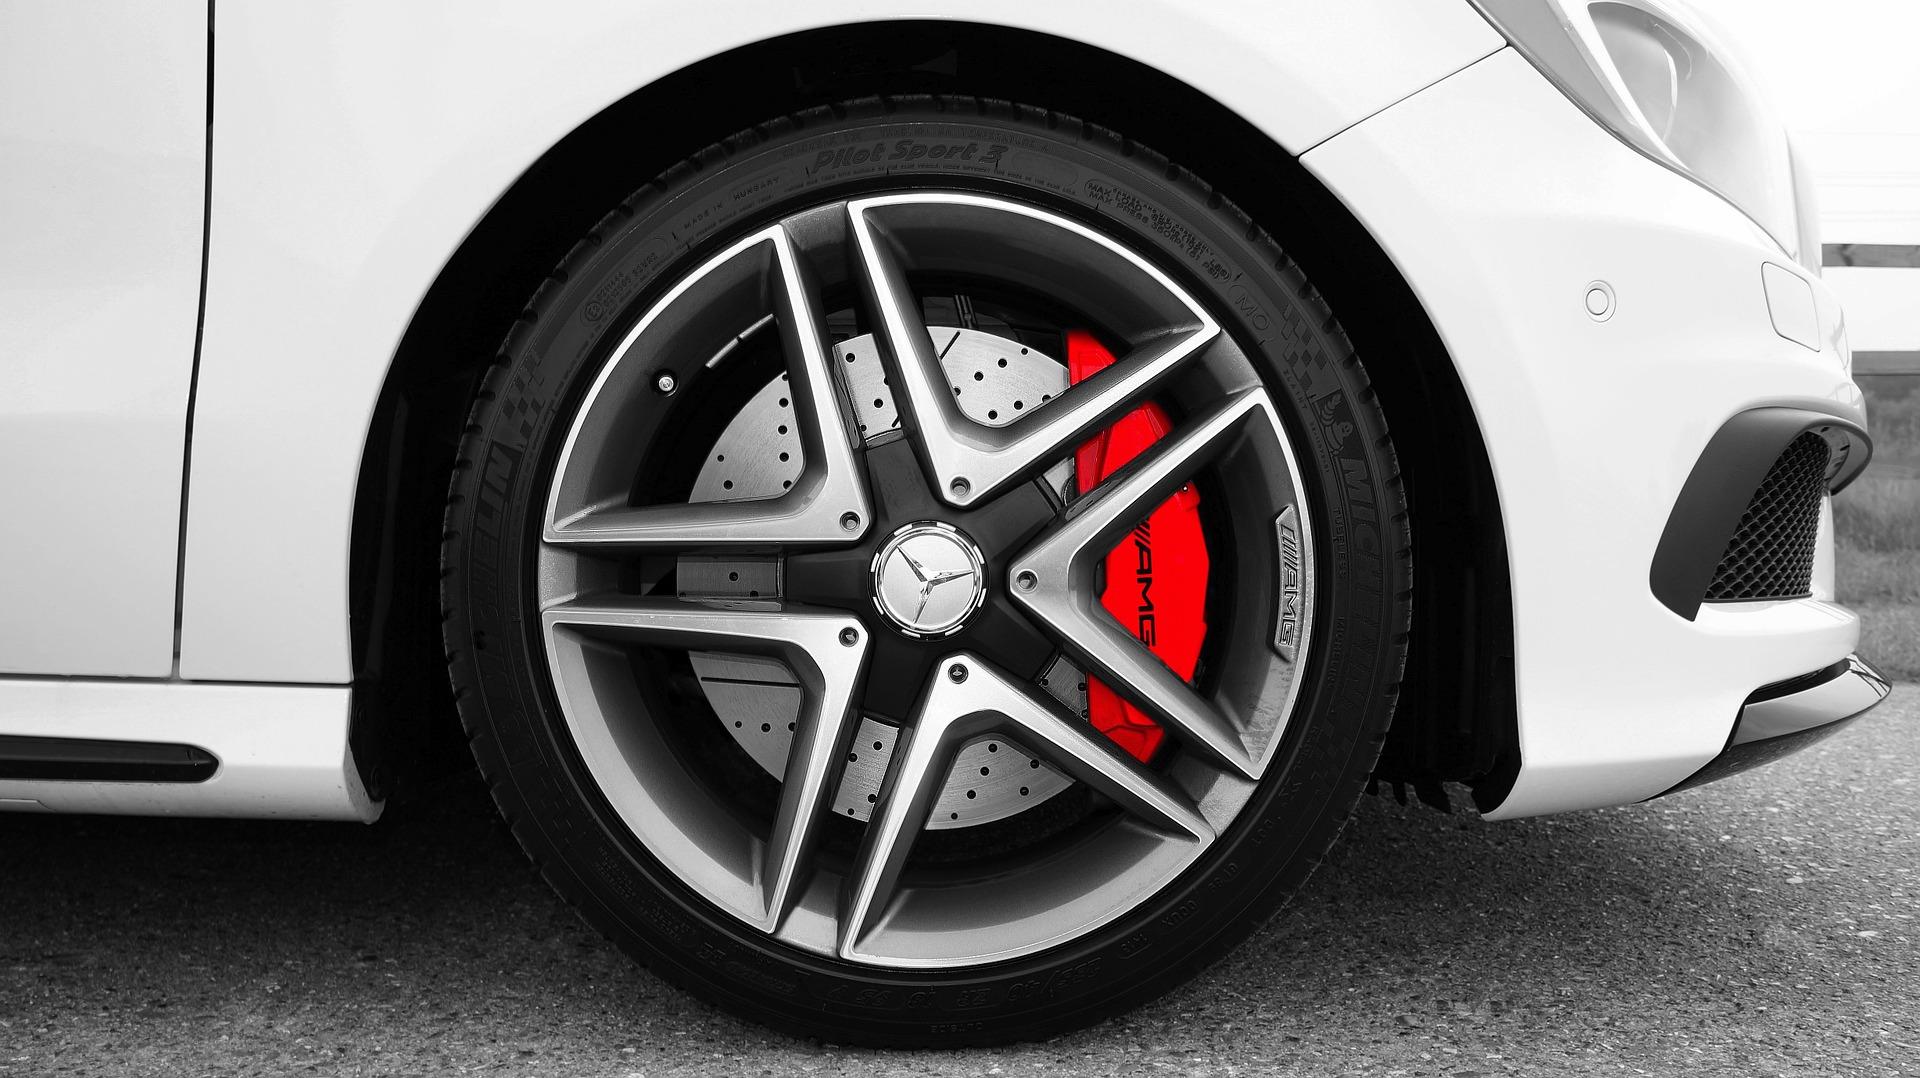 Stabdžių sistemos gedimų remontas būtinas saugiam vairavimui